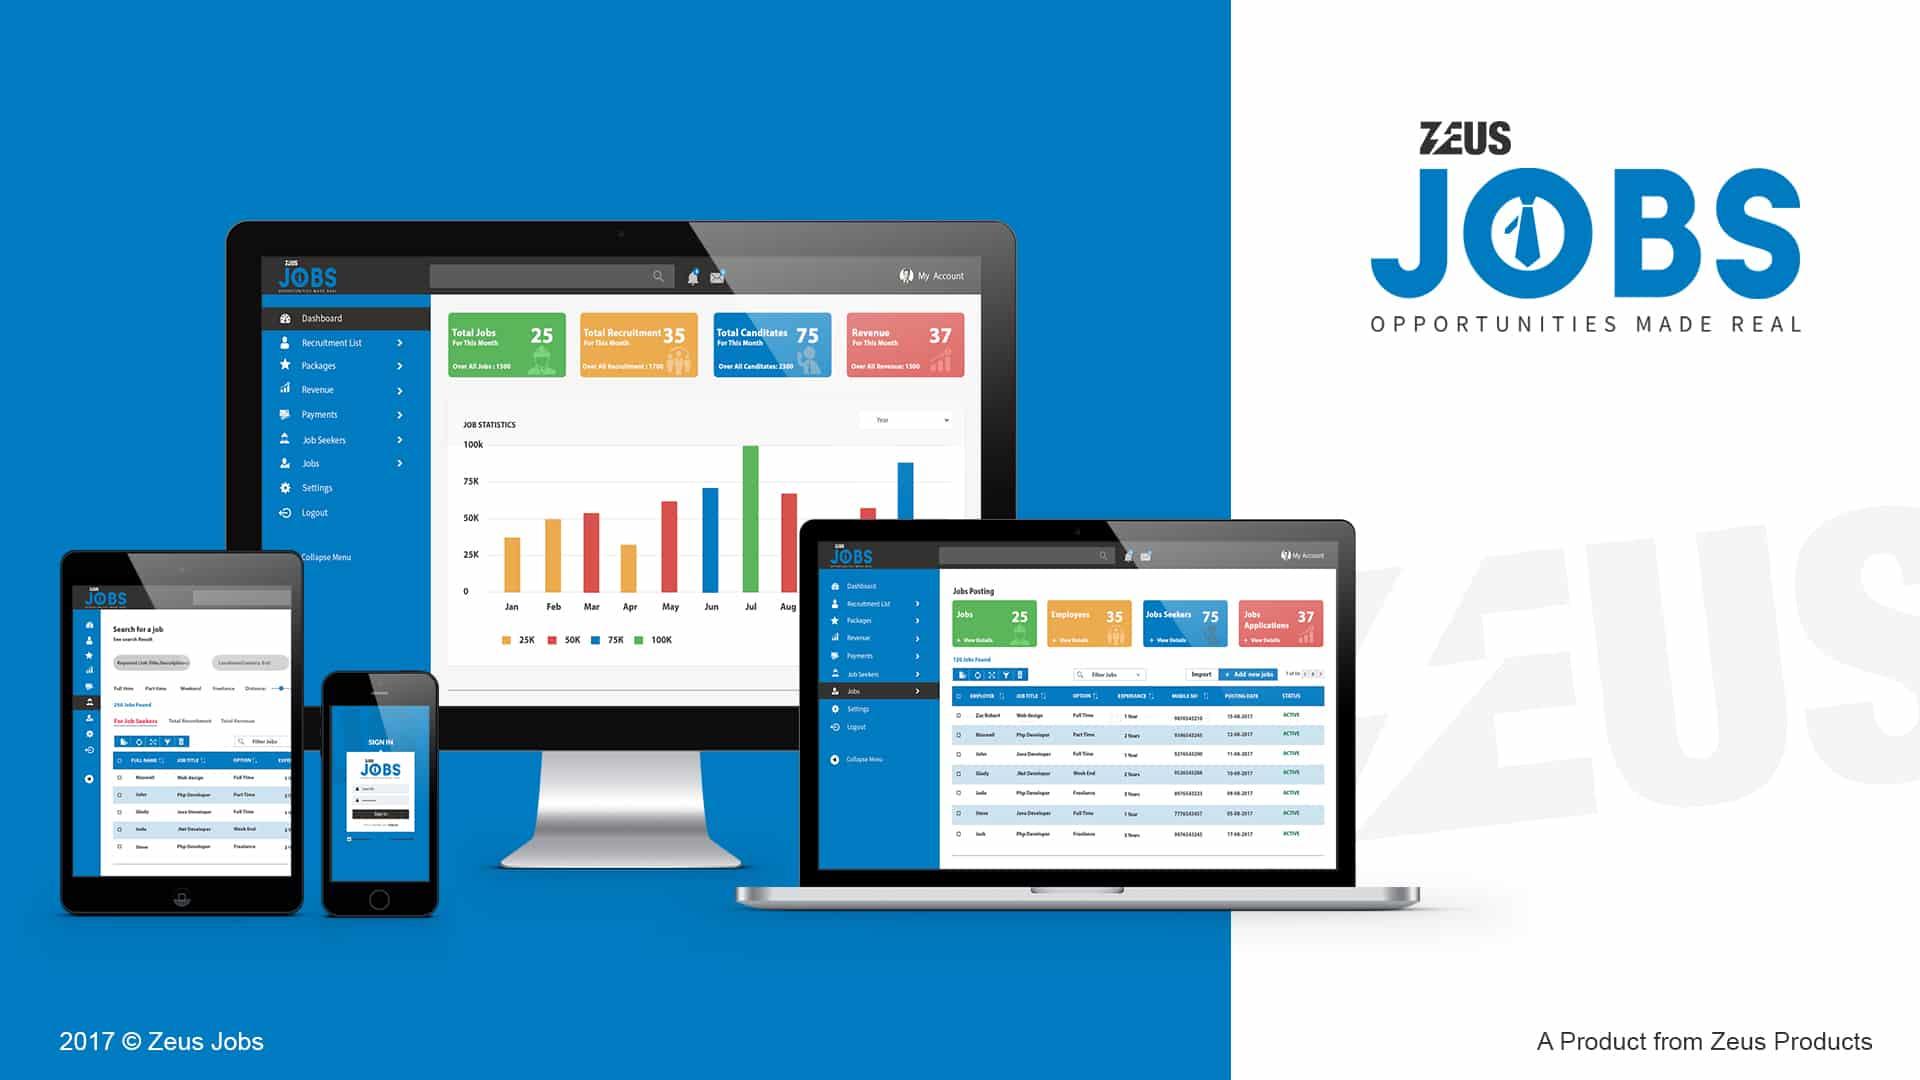 Zeus CRM Job Portal Applications